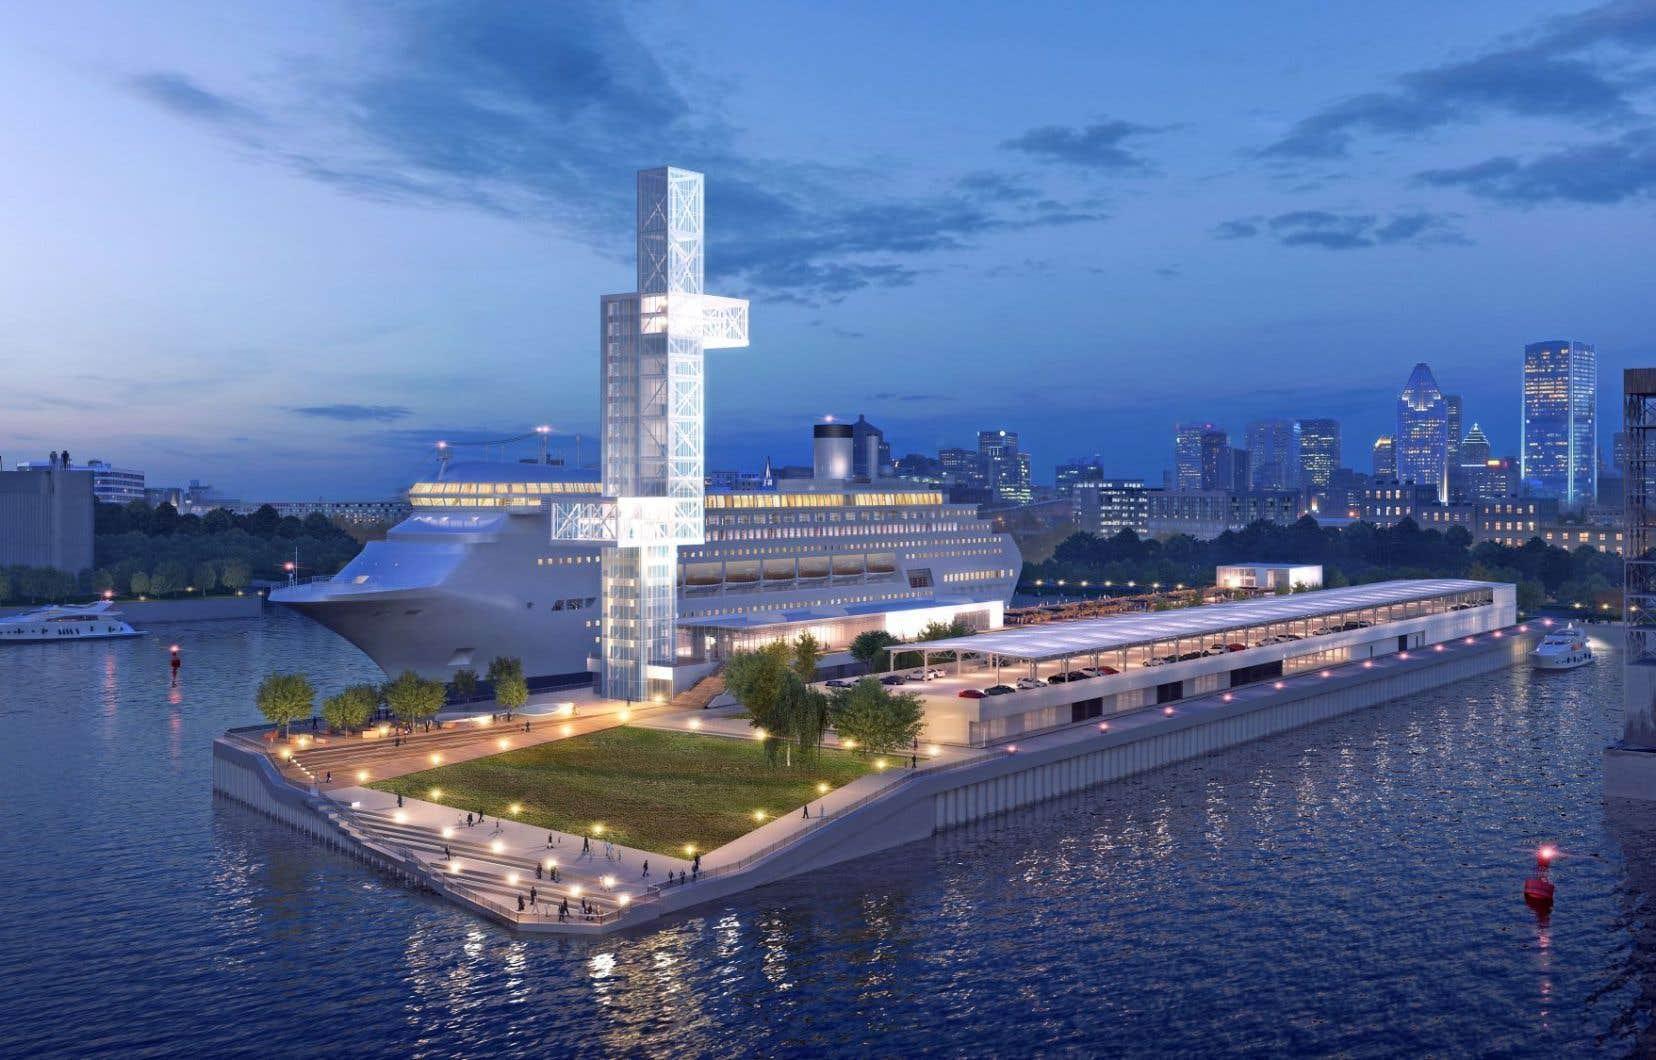 La jetée Alexandra du port de Montréal, dont on voit une esquisse, est en voie d'être rénovée pour accueillir les bateaux de croisière.